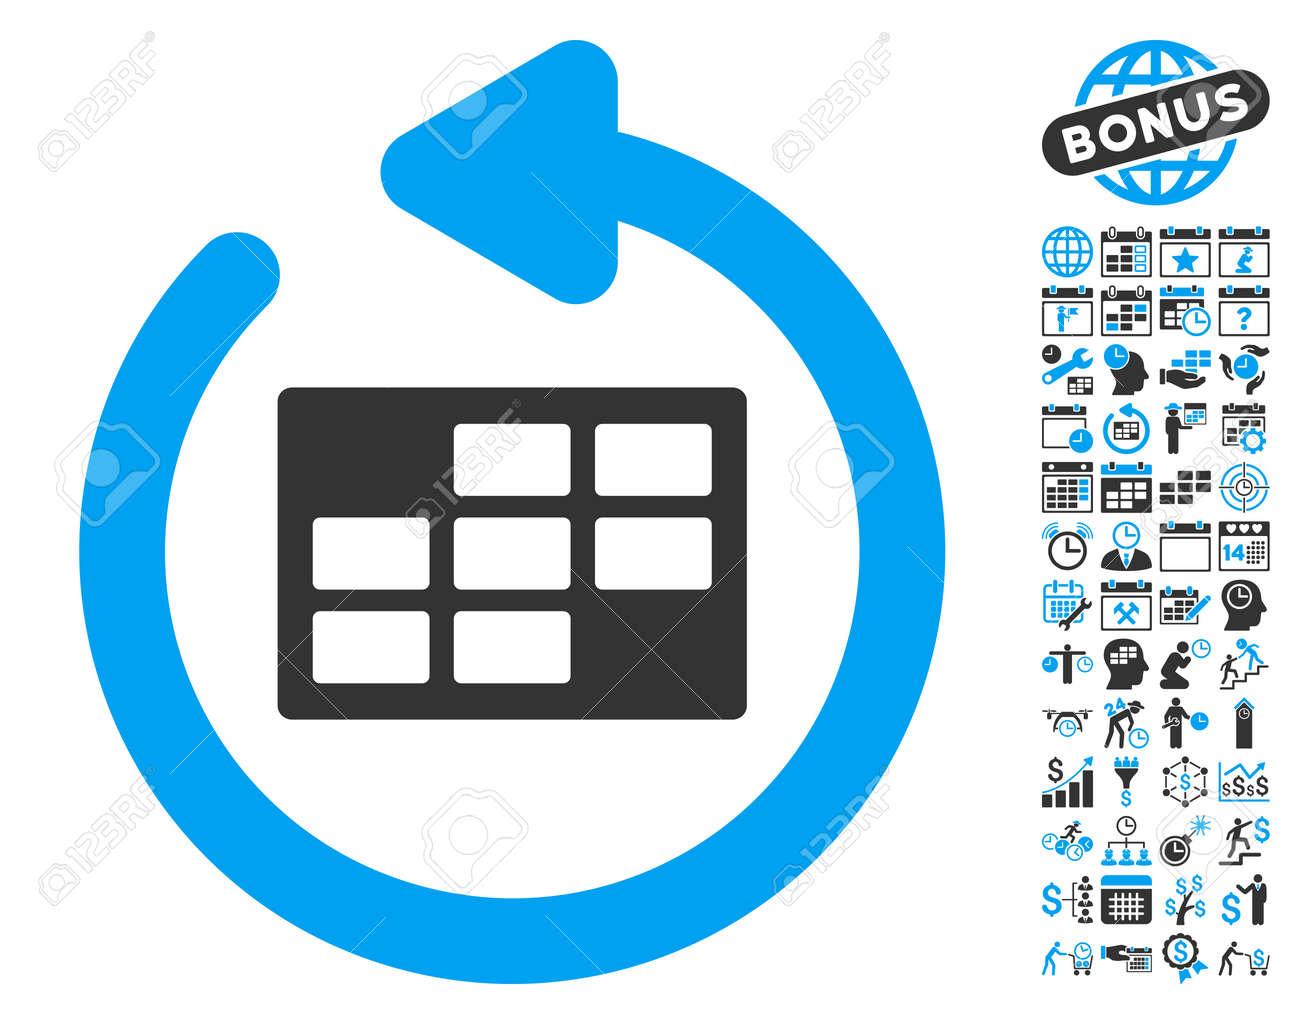 Actualizar Calendario.Actualizar El Icono De La Tabla Del Calendario Con Imagenes De Bonificacion Del Calendario Y De Gestion Del Tiempo El Estilo De La Ilustracion Del